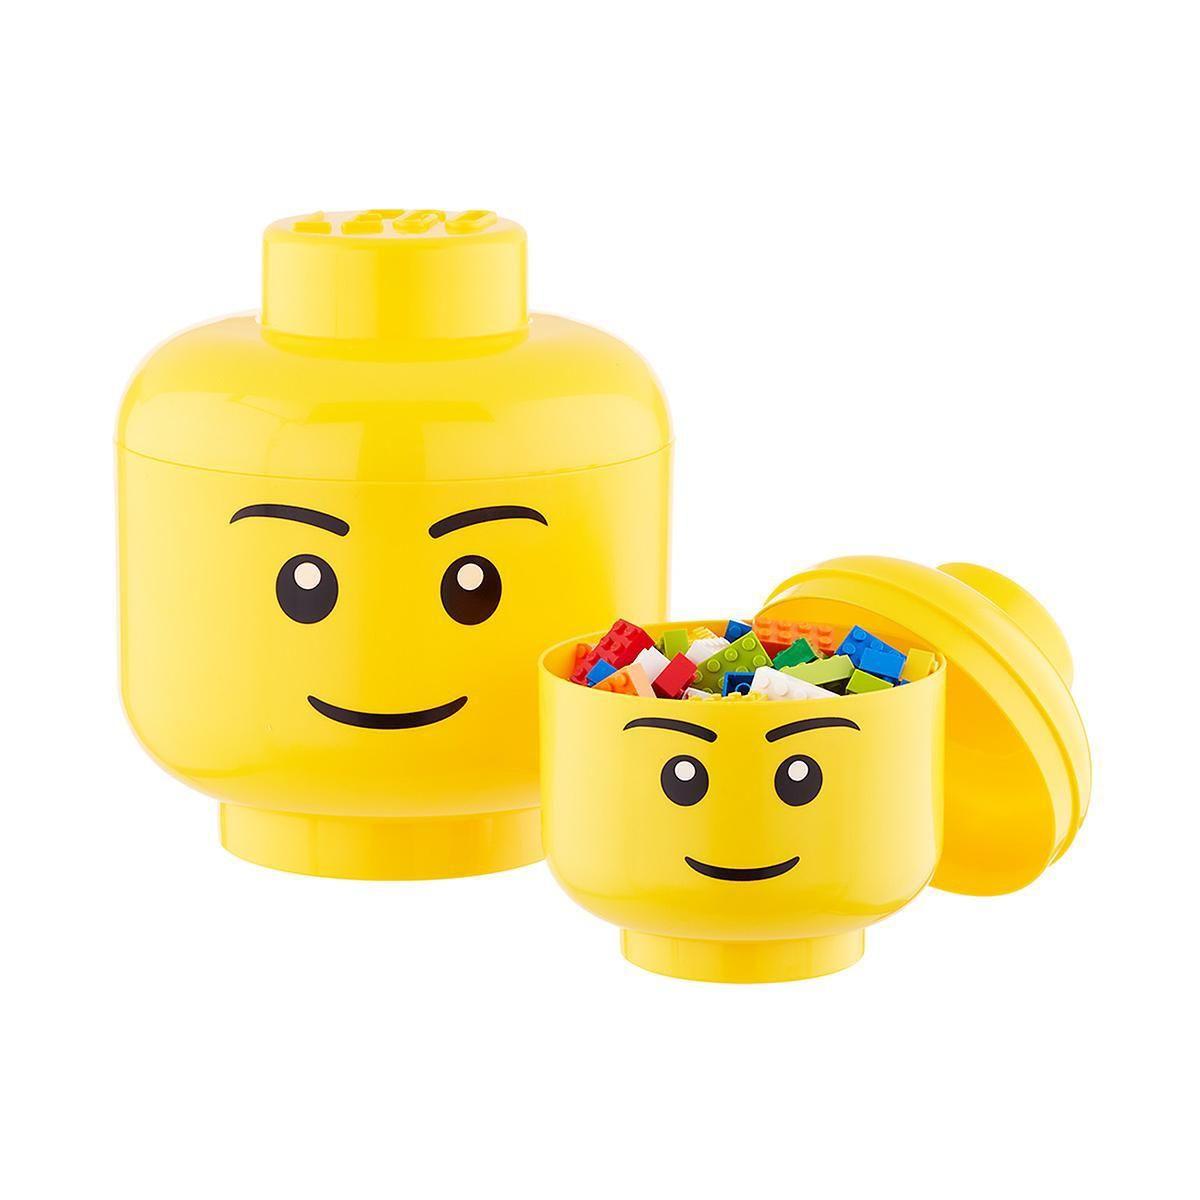 Lego Storage Heads With Images Lego Storage Kid Toy Storage